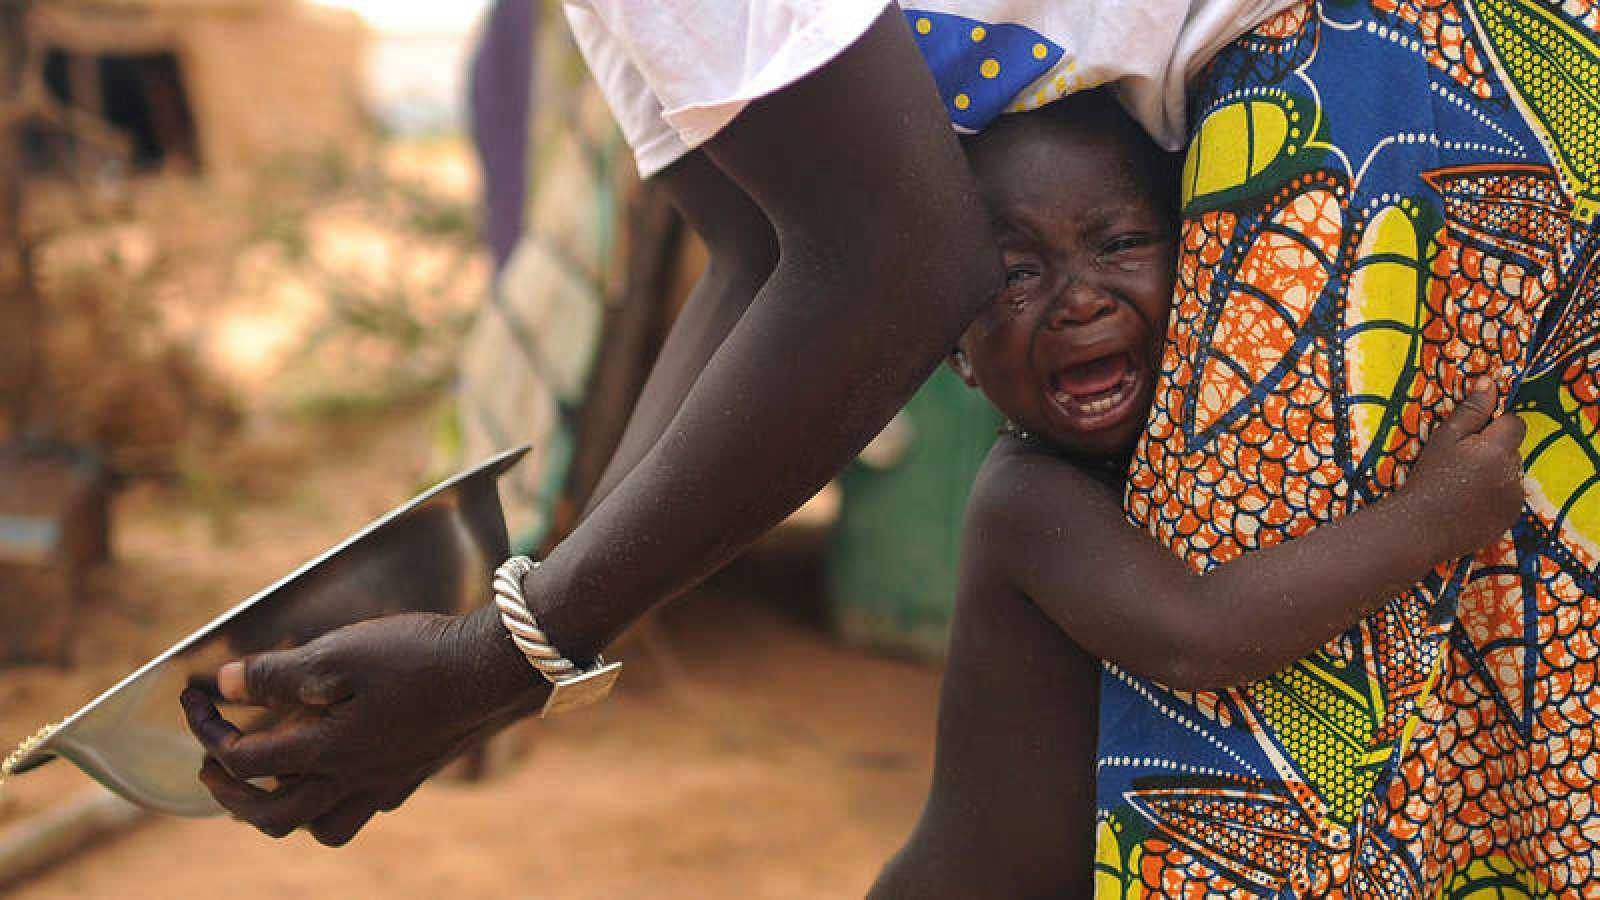 Una mujer con atuendo africano consuela en su regazo a un niño llorando.